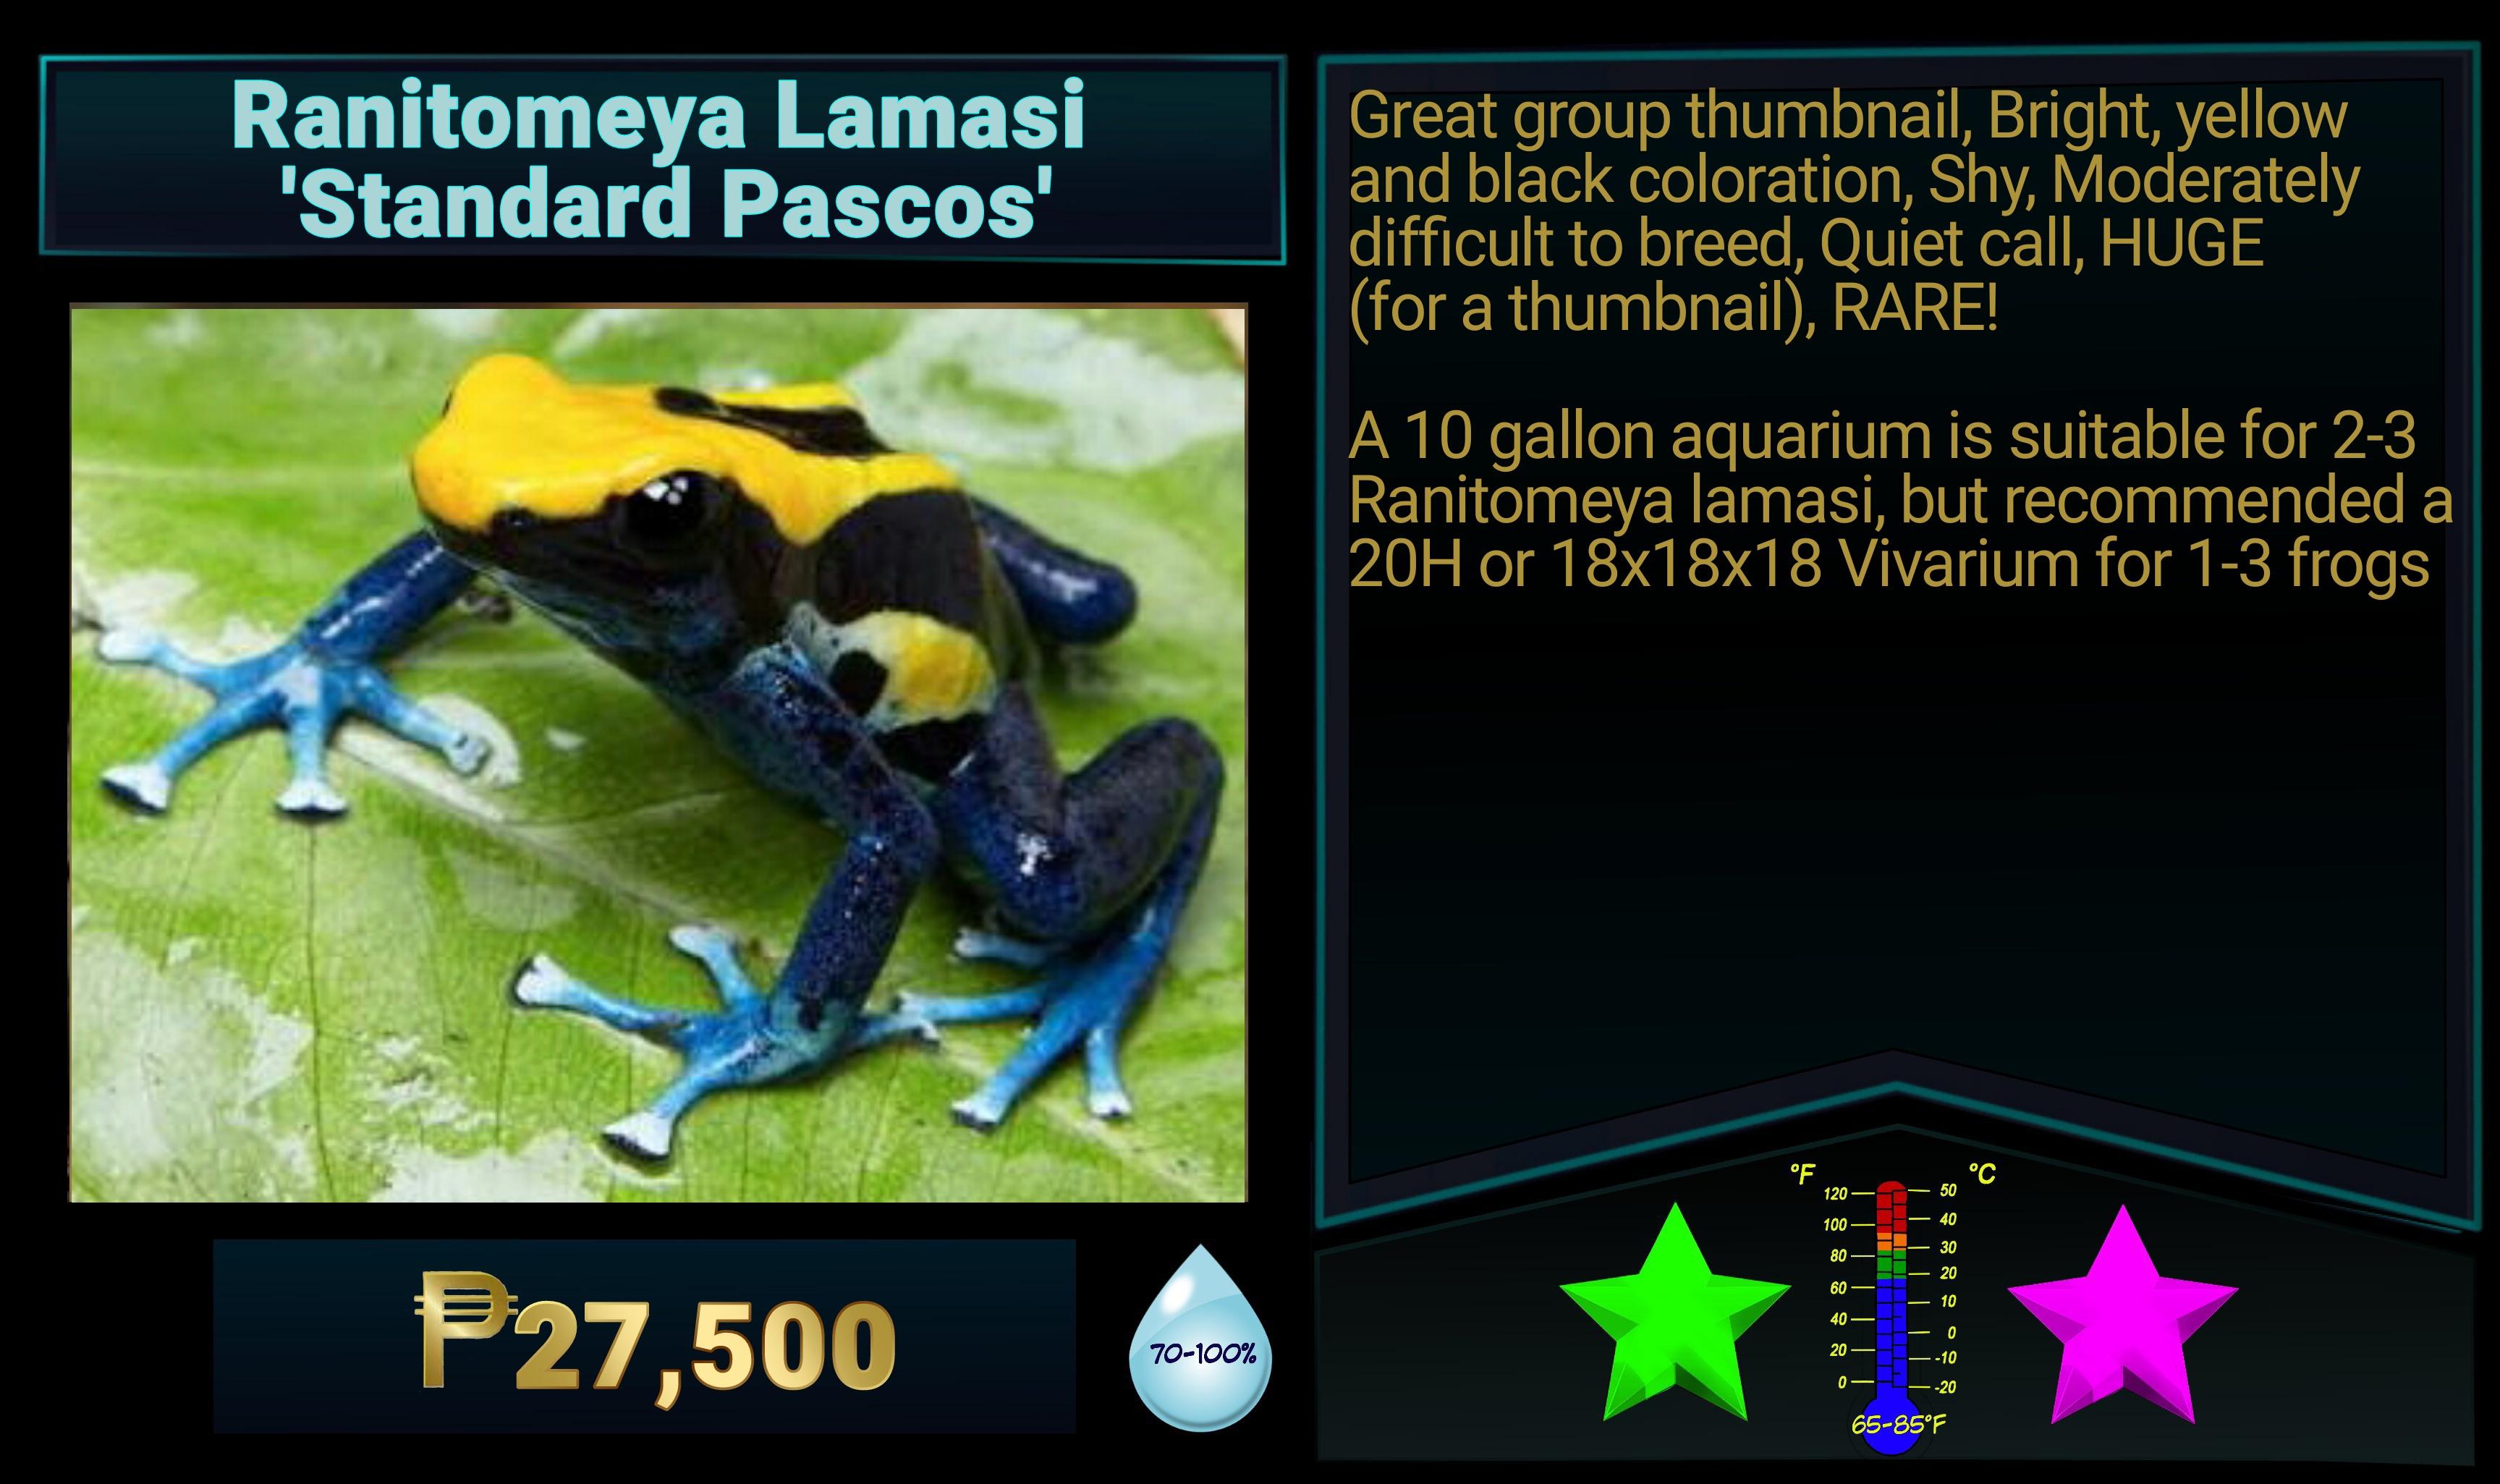 Ranitomeya lamasi Standard Pascos